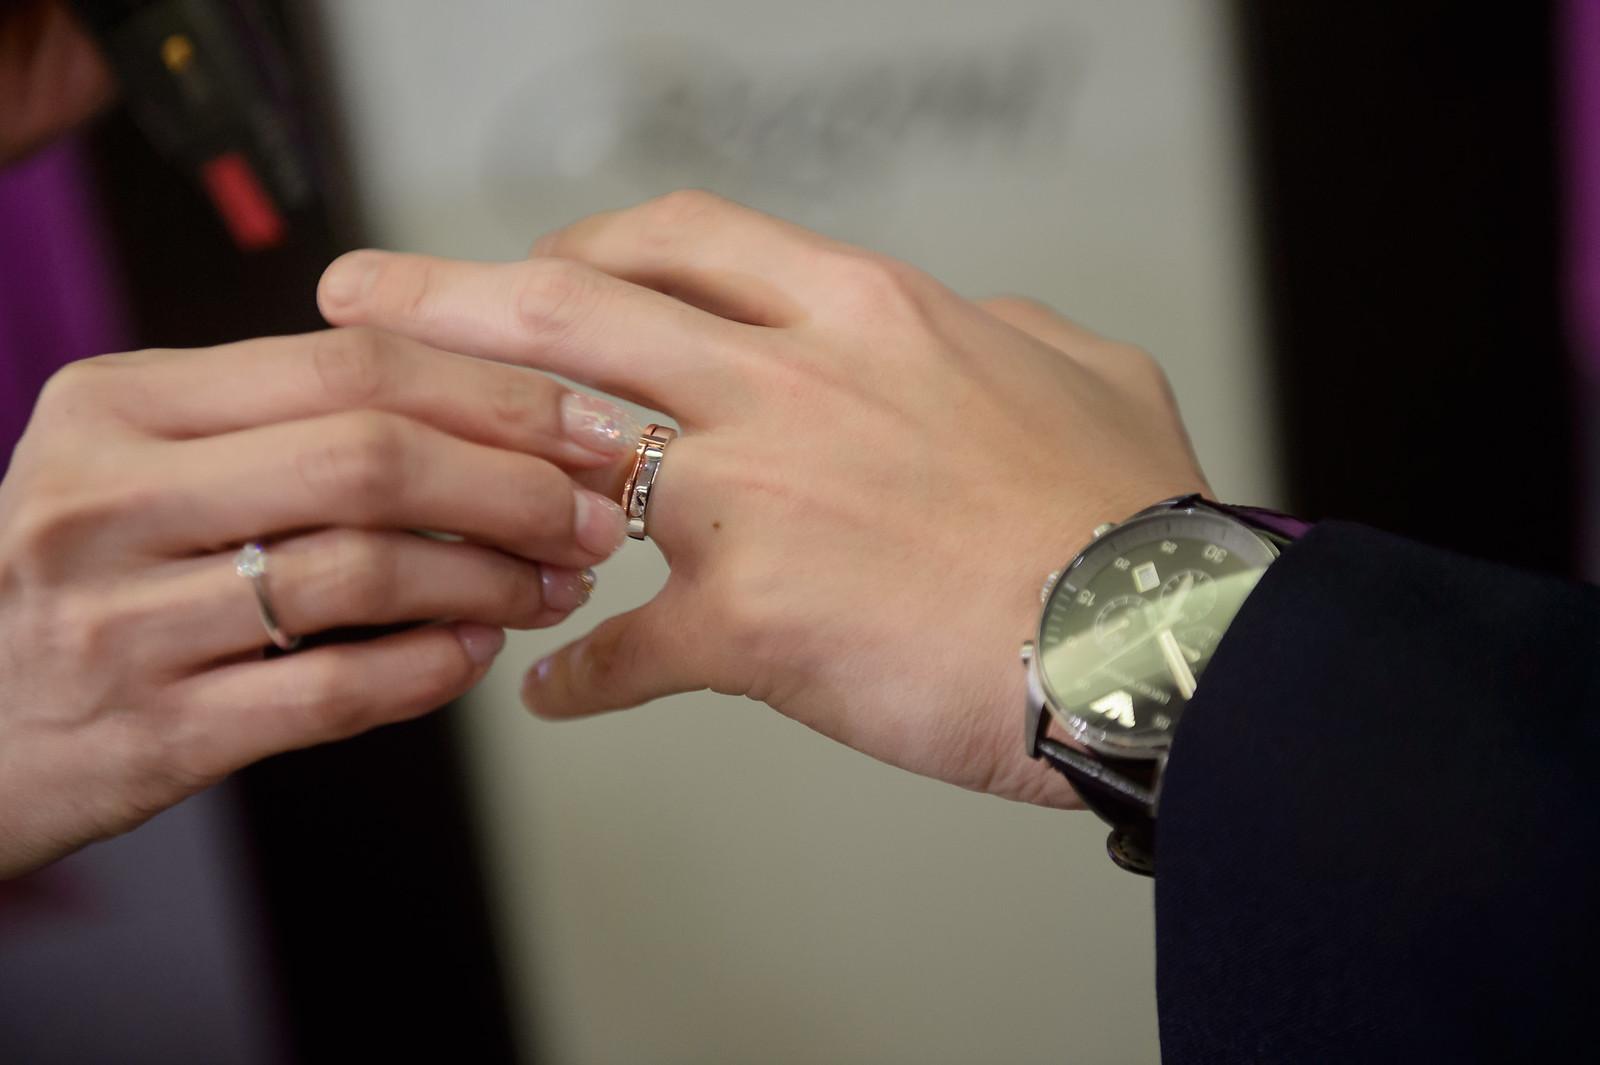 台北婚攝, 婚禮攝影, 婚攝, 婚攝守恆, 婚攝推薦, 晶華酒店, 晶華酒店婚宴, 晶華酒店婚攝-47